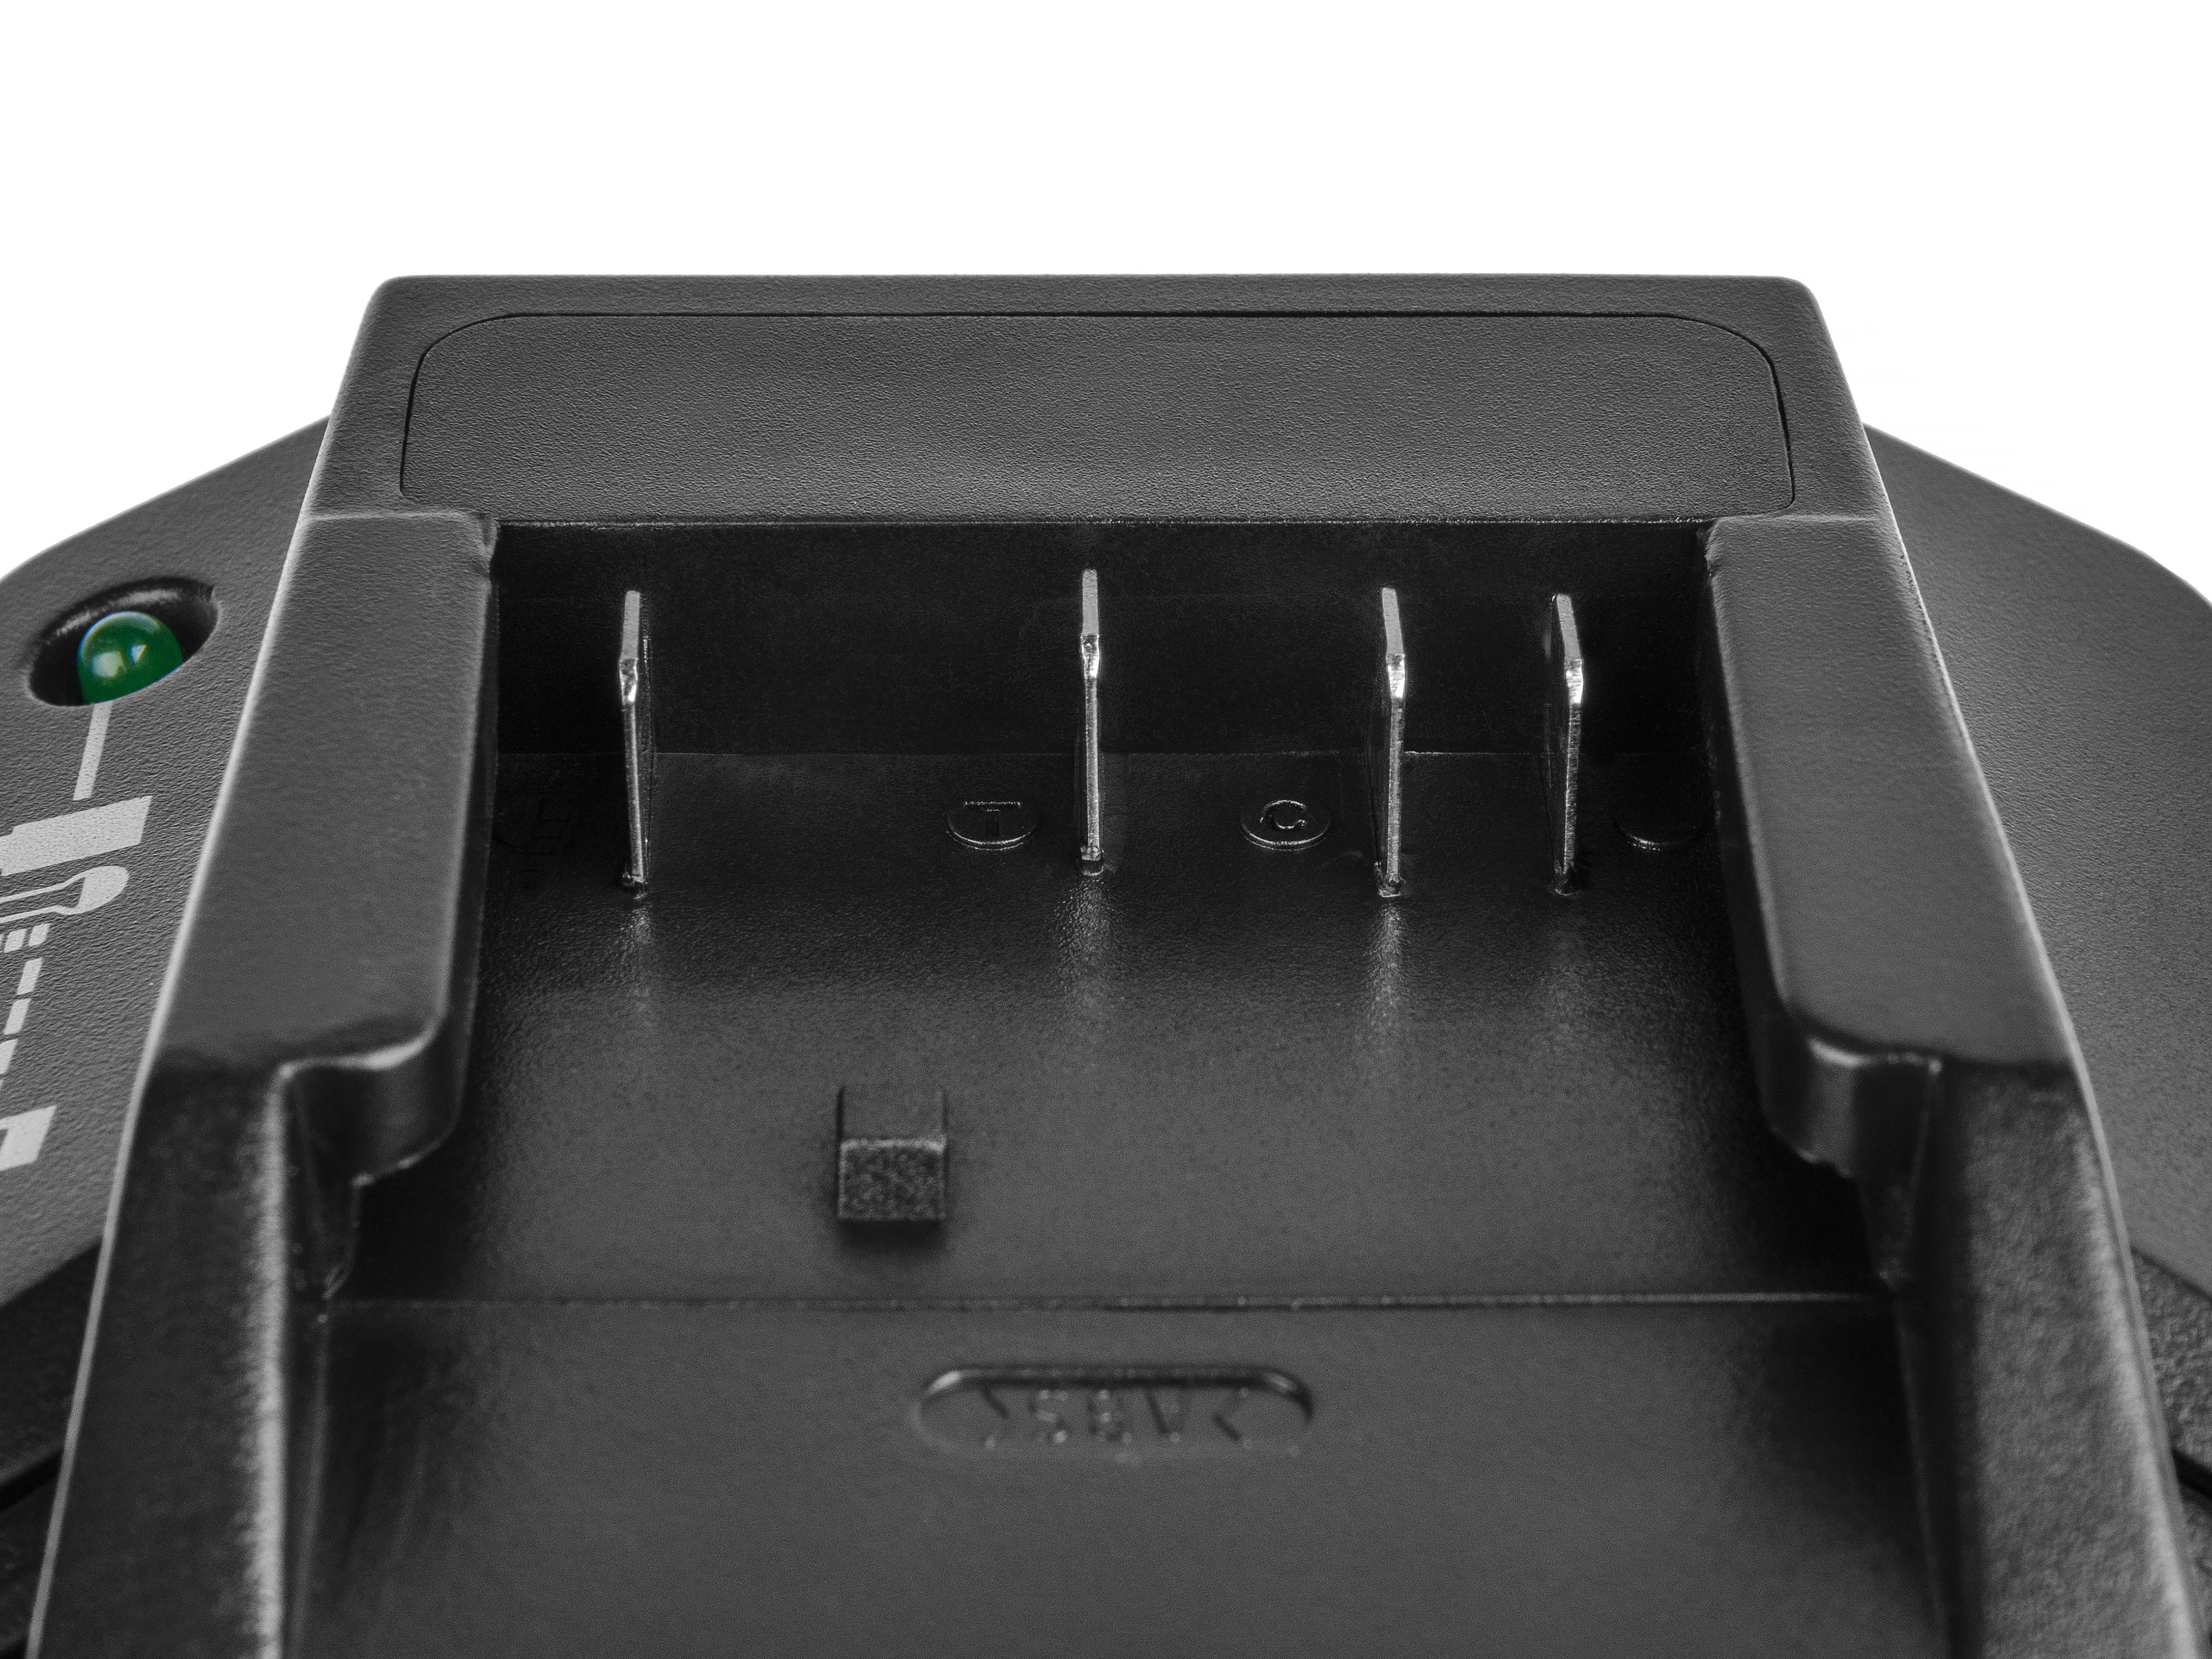 Power Tool Battery Charger for Bosch BAT609 BAT618 BAT620 BAT621 BAT622 GAS18V FNH180-16